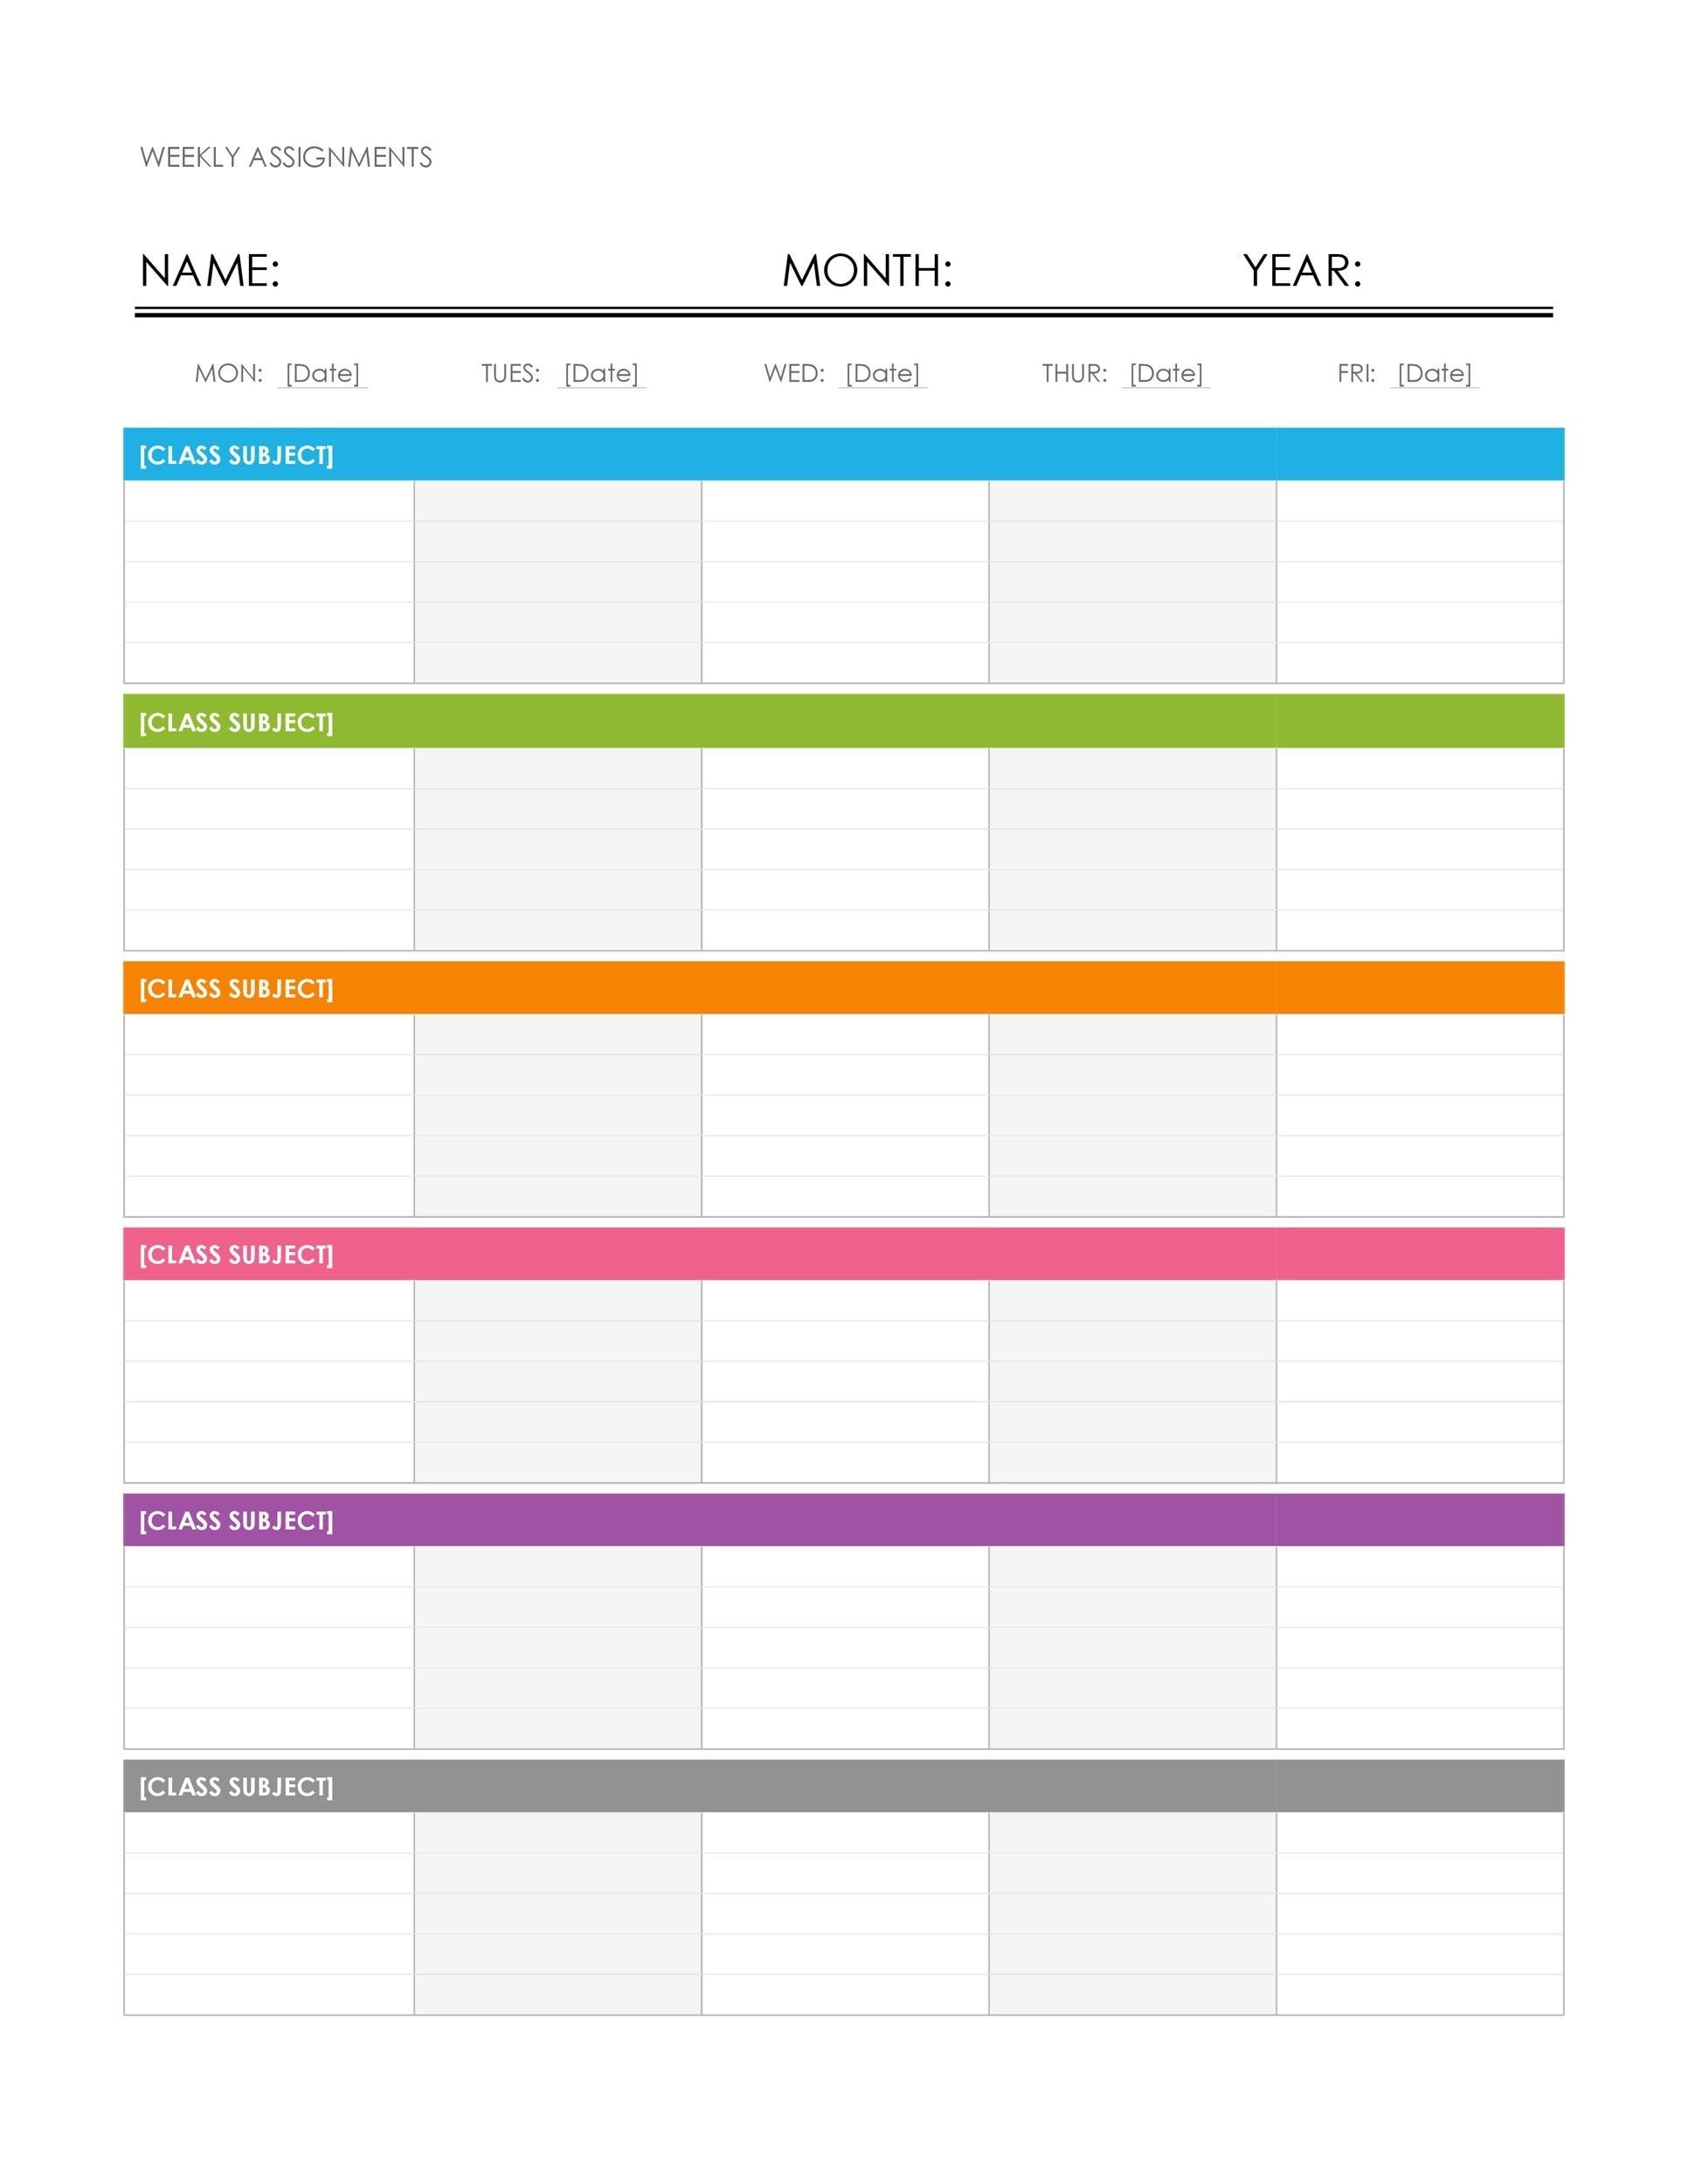 26 Blank Weekly Calendar Templates [Pdf, Excel, Word] ᐅ Free Calendar Weekly Template